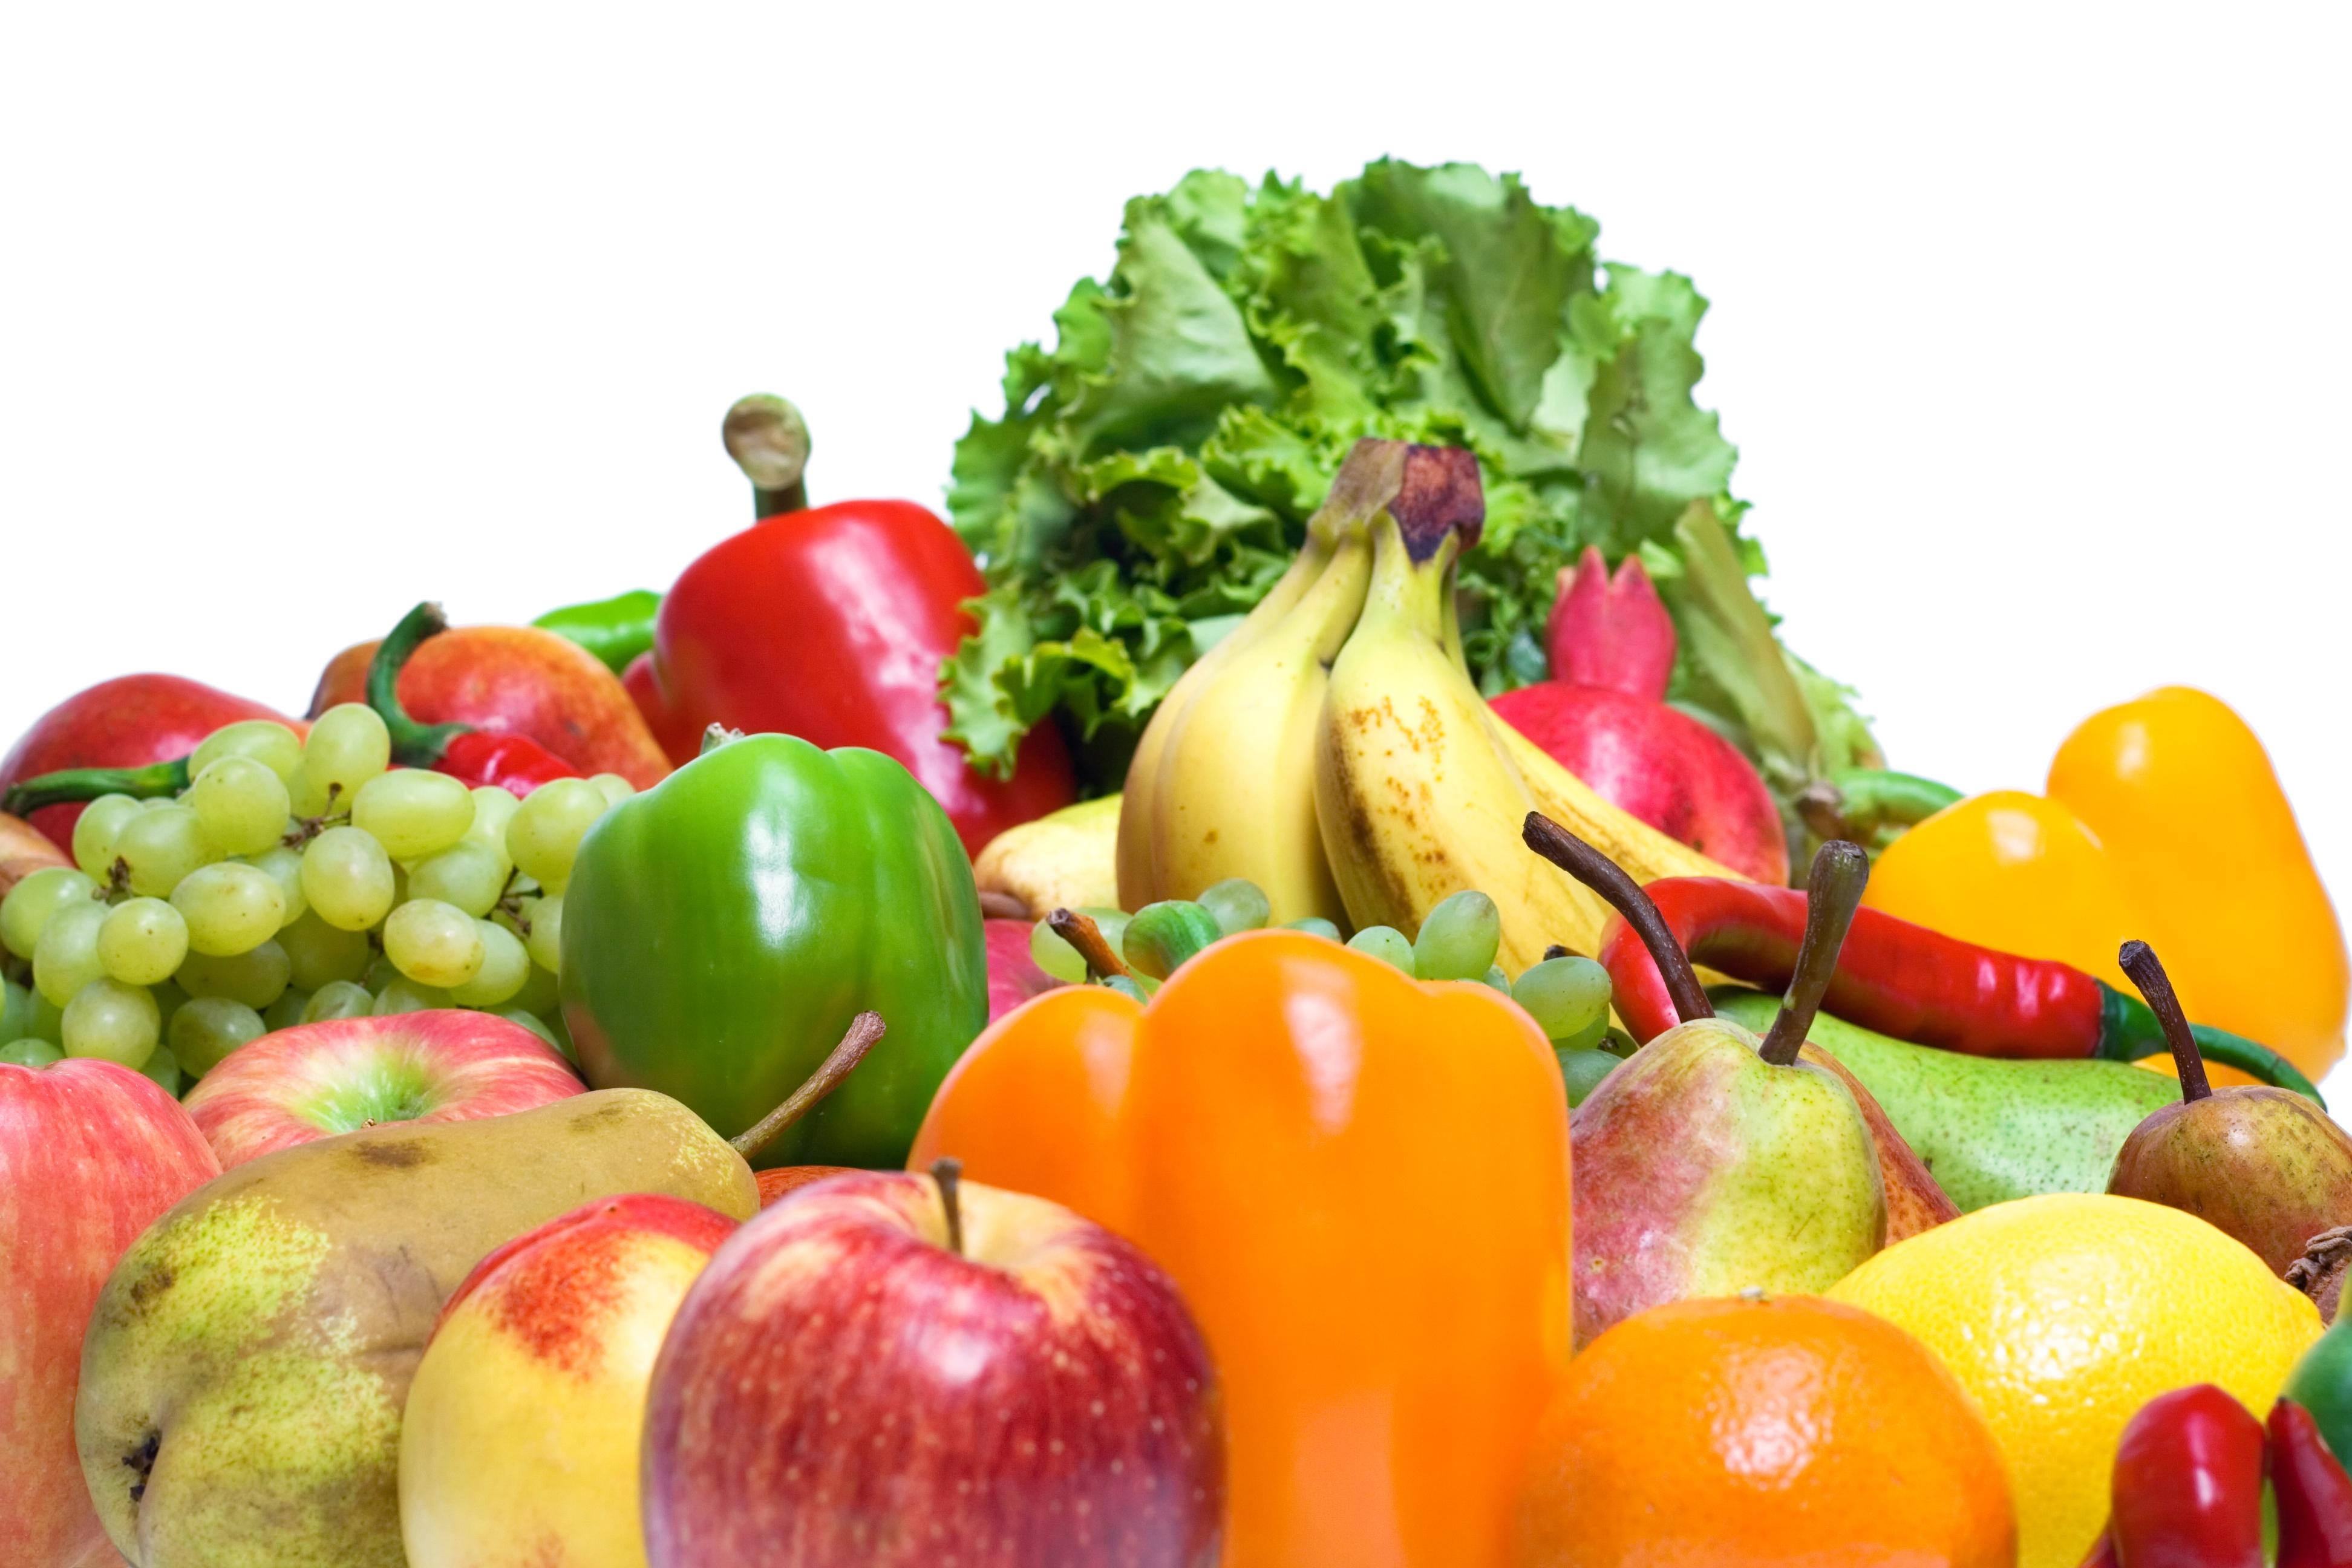 Comendo mais frutas e legumes (Foto: Divulgação)